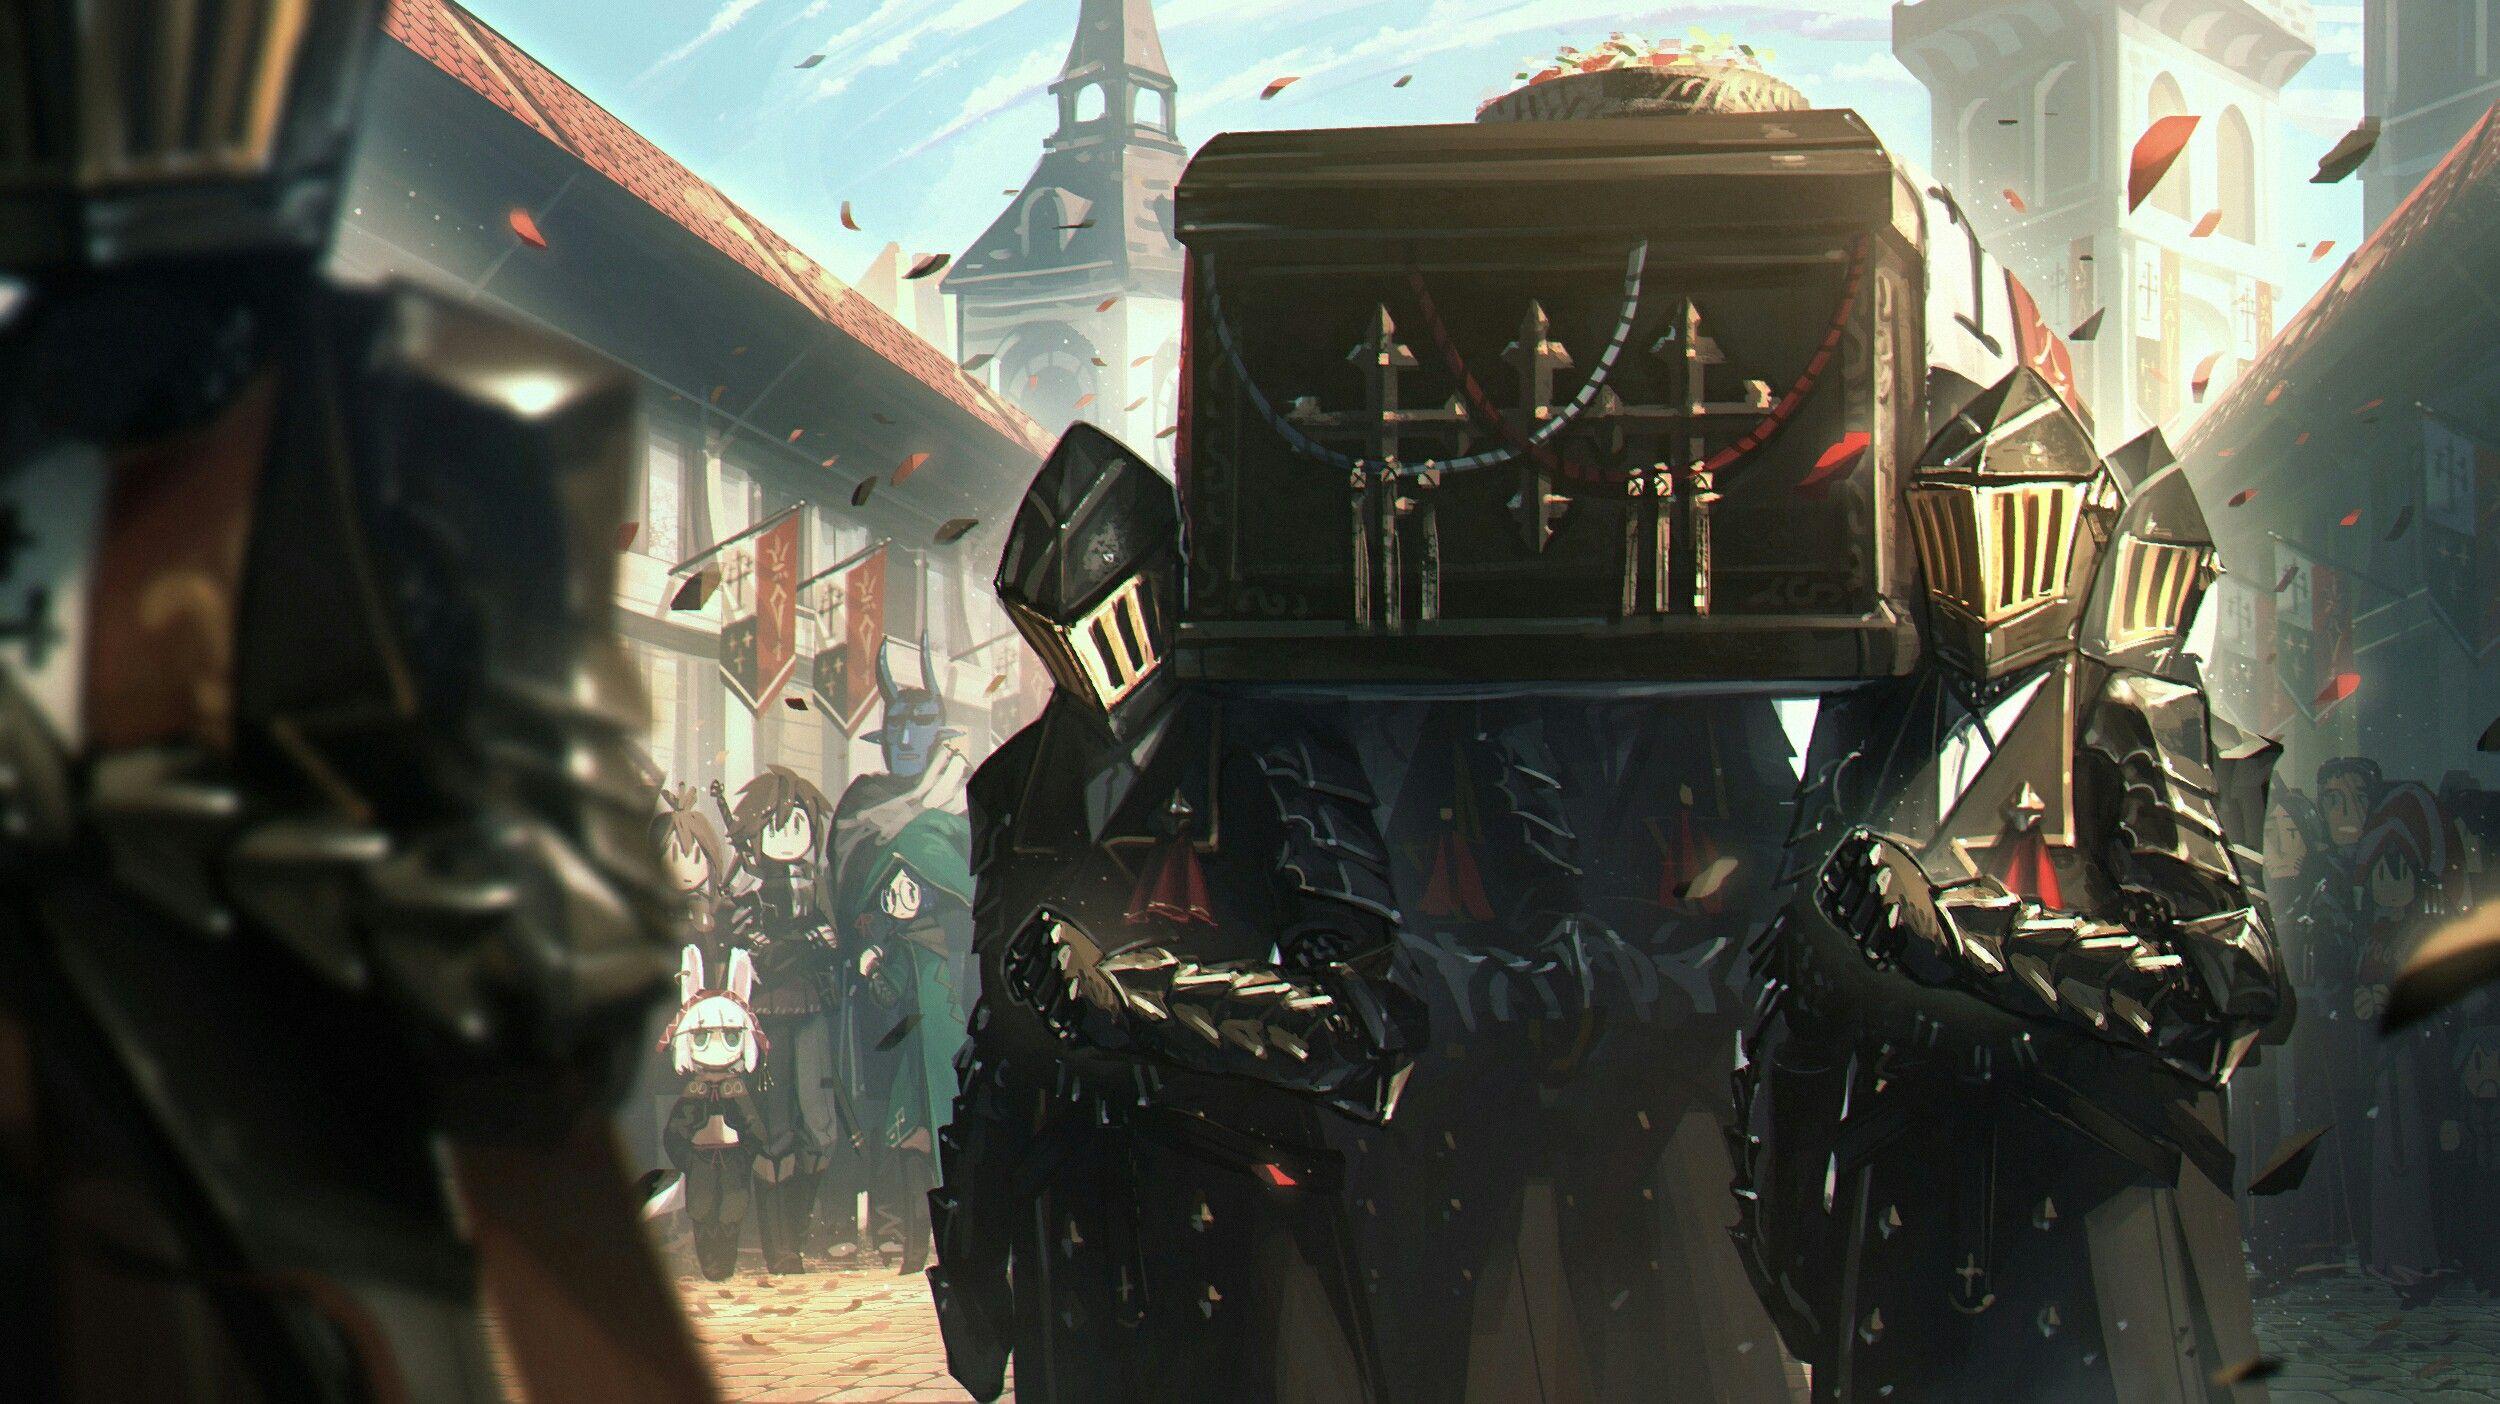 Pin von MartSsbb auf Medieval/Fantasy in 2020